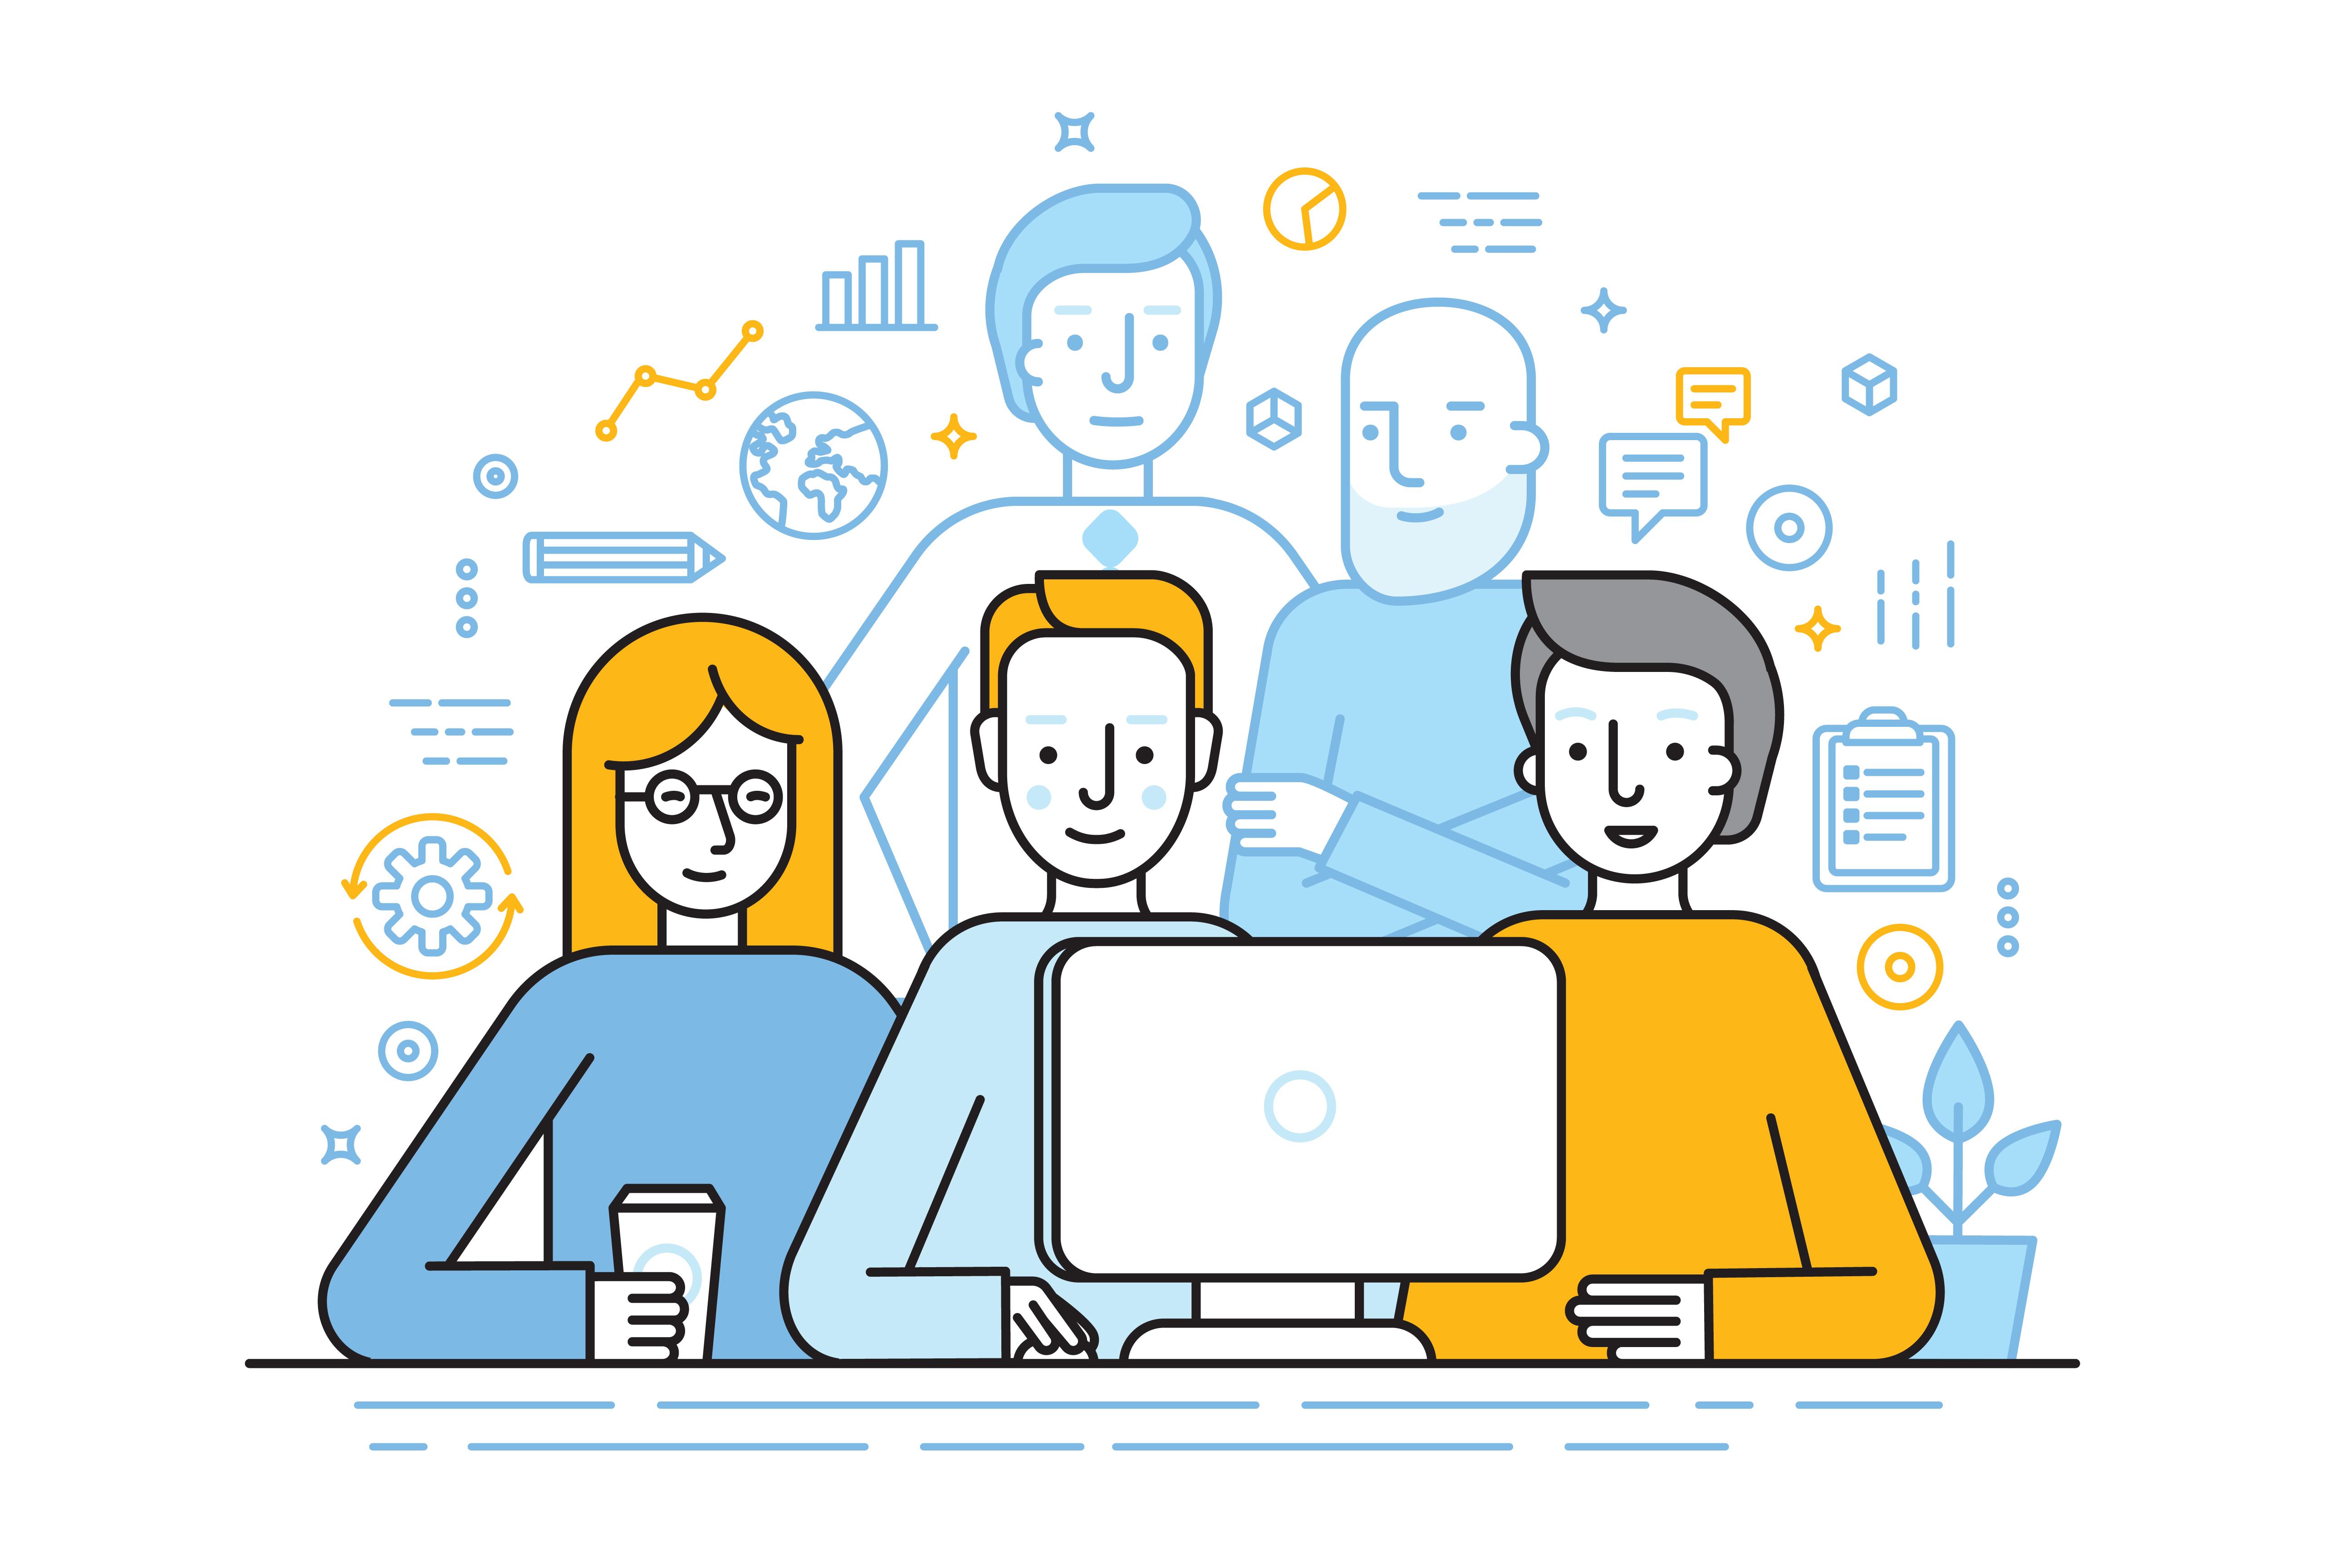 ¿Por qué diseñadores y programadores deben trabajar en conjunto?